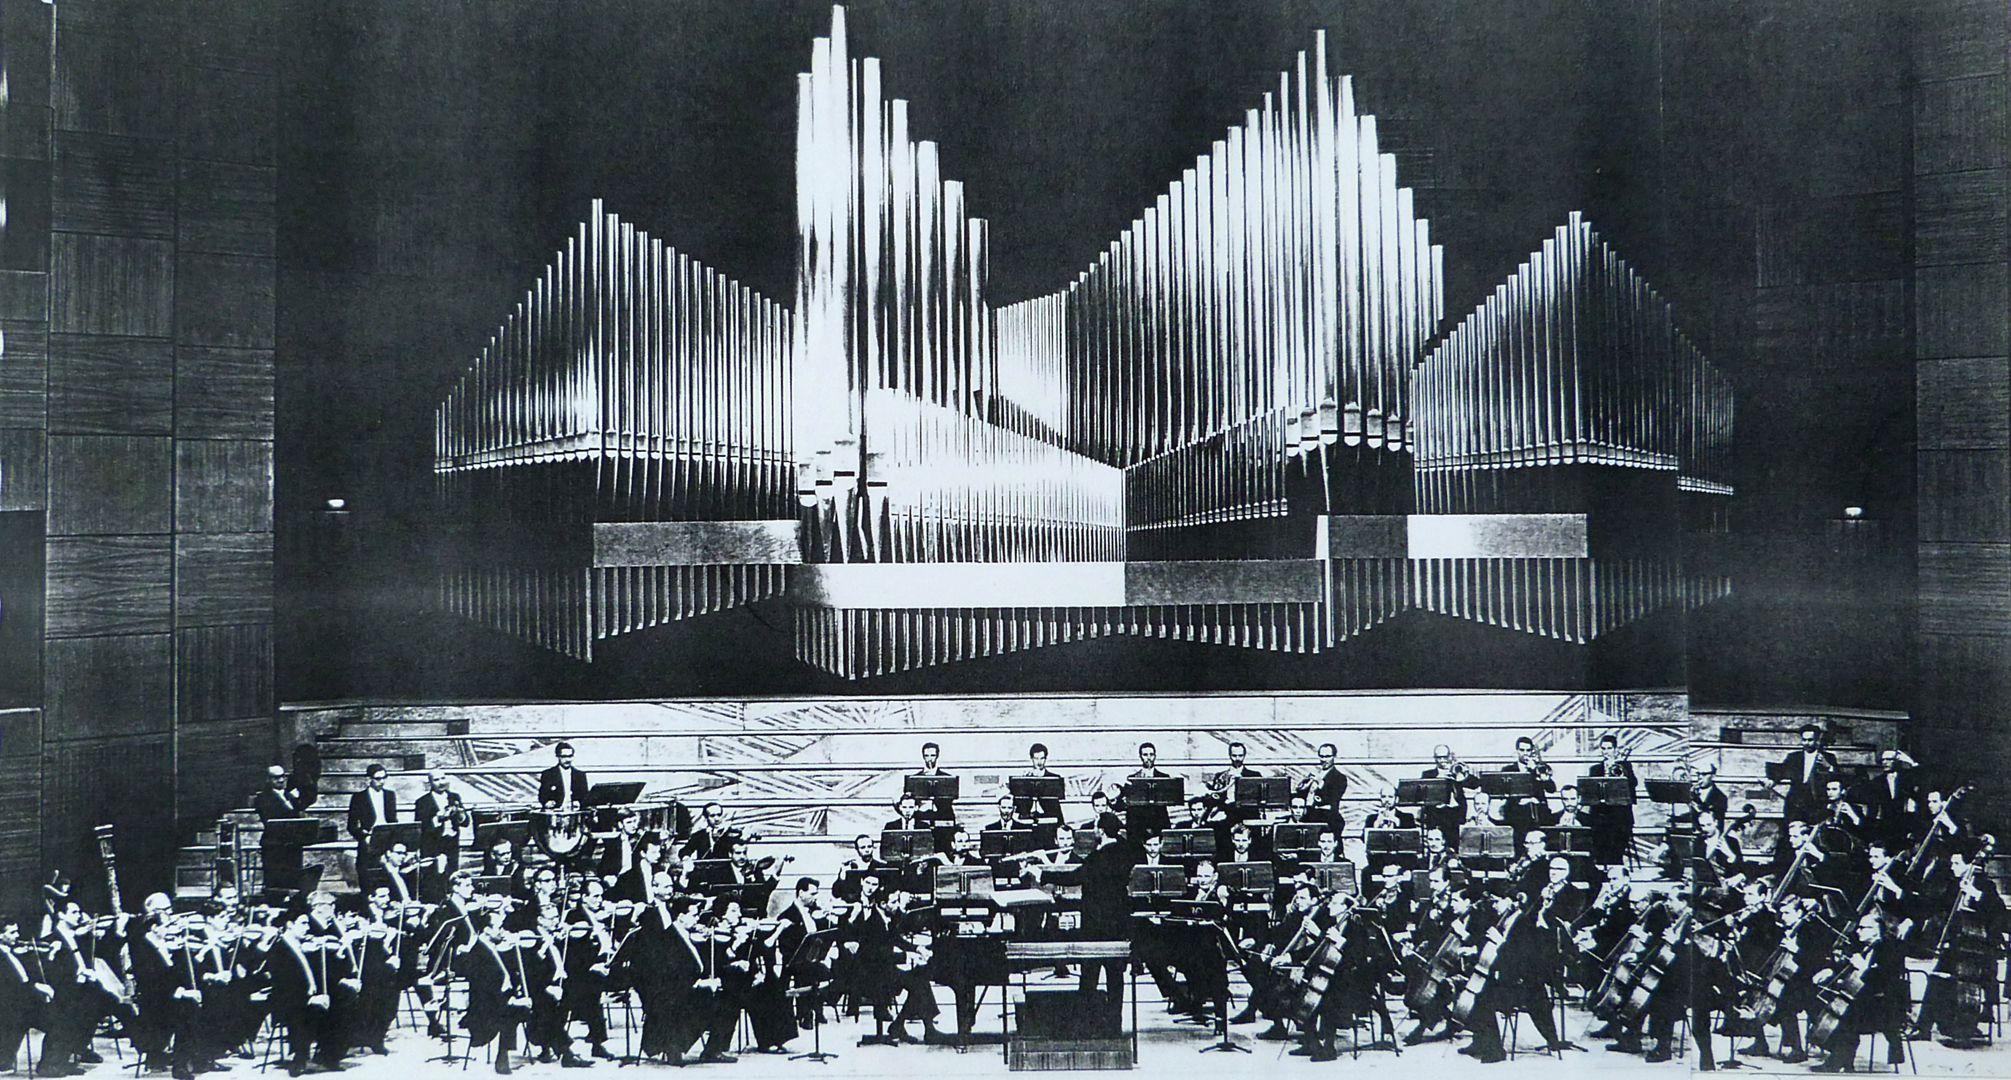 Orgelprospekt in der Meistersingerhalle Nürnberg Orgel und Orchesterbühne